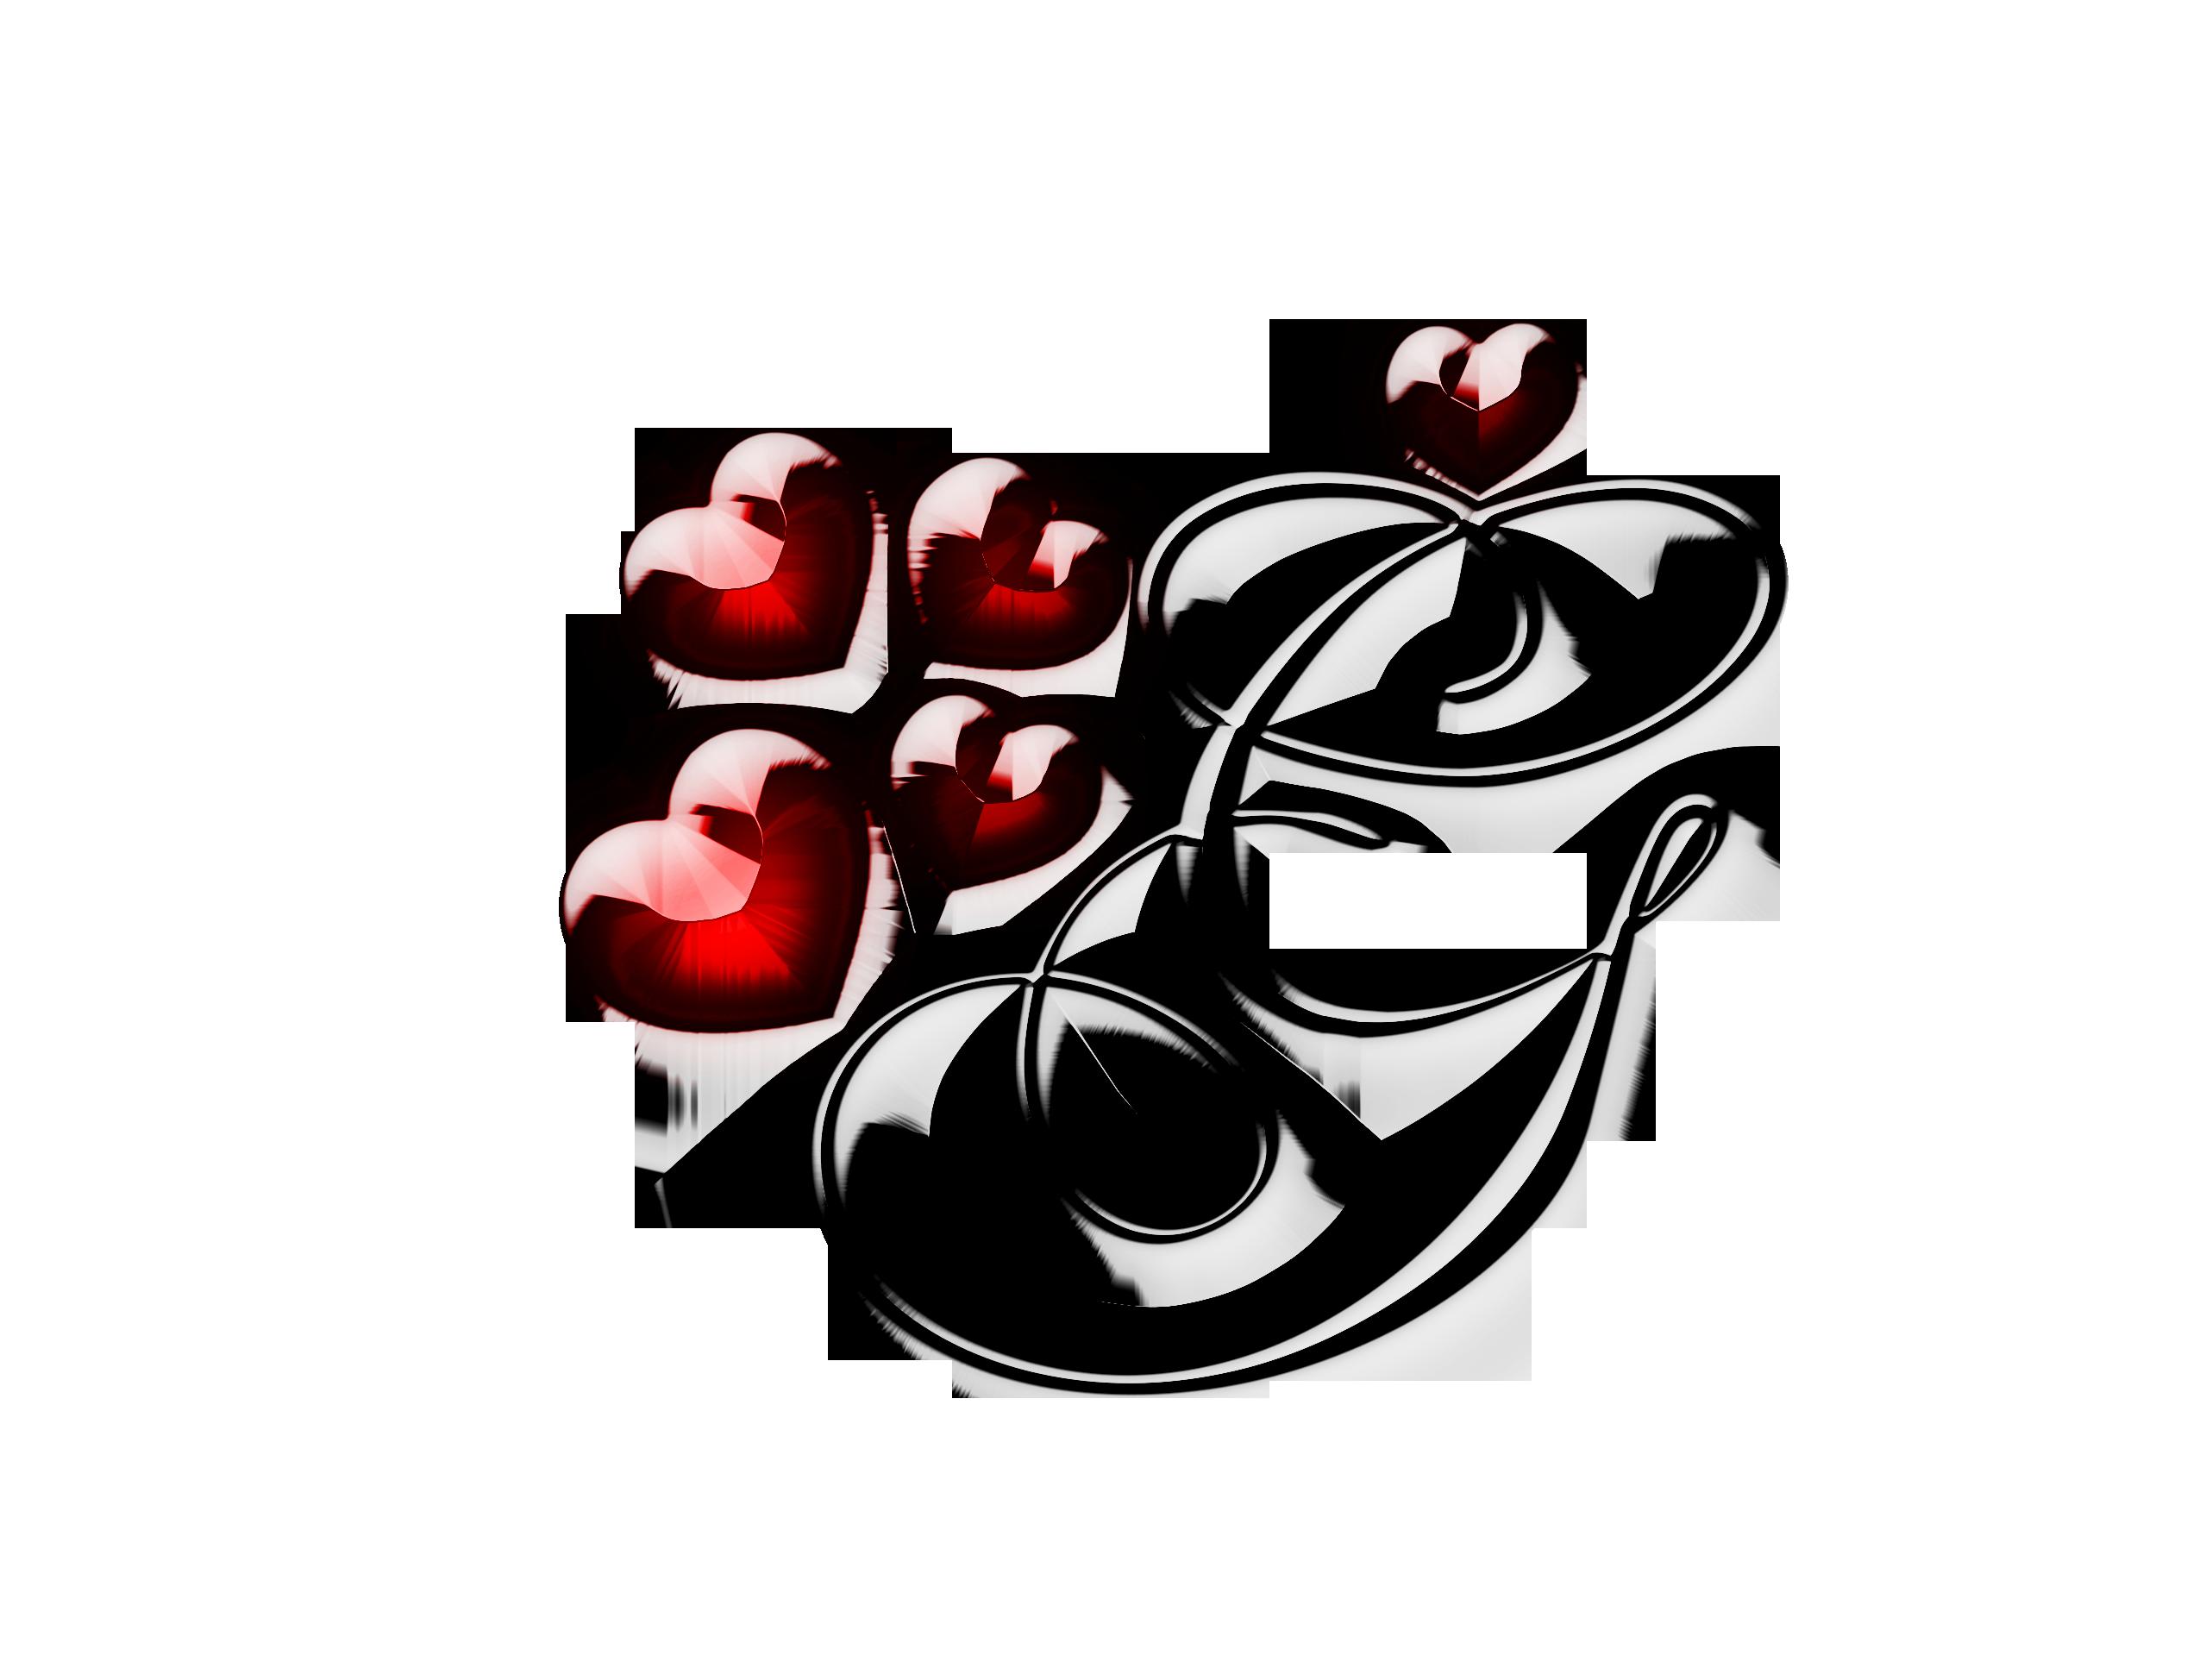 st-valentines-day-3149481